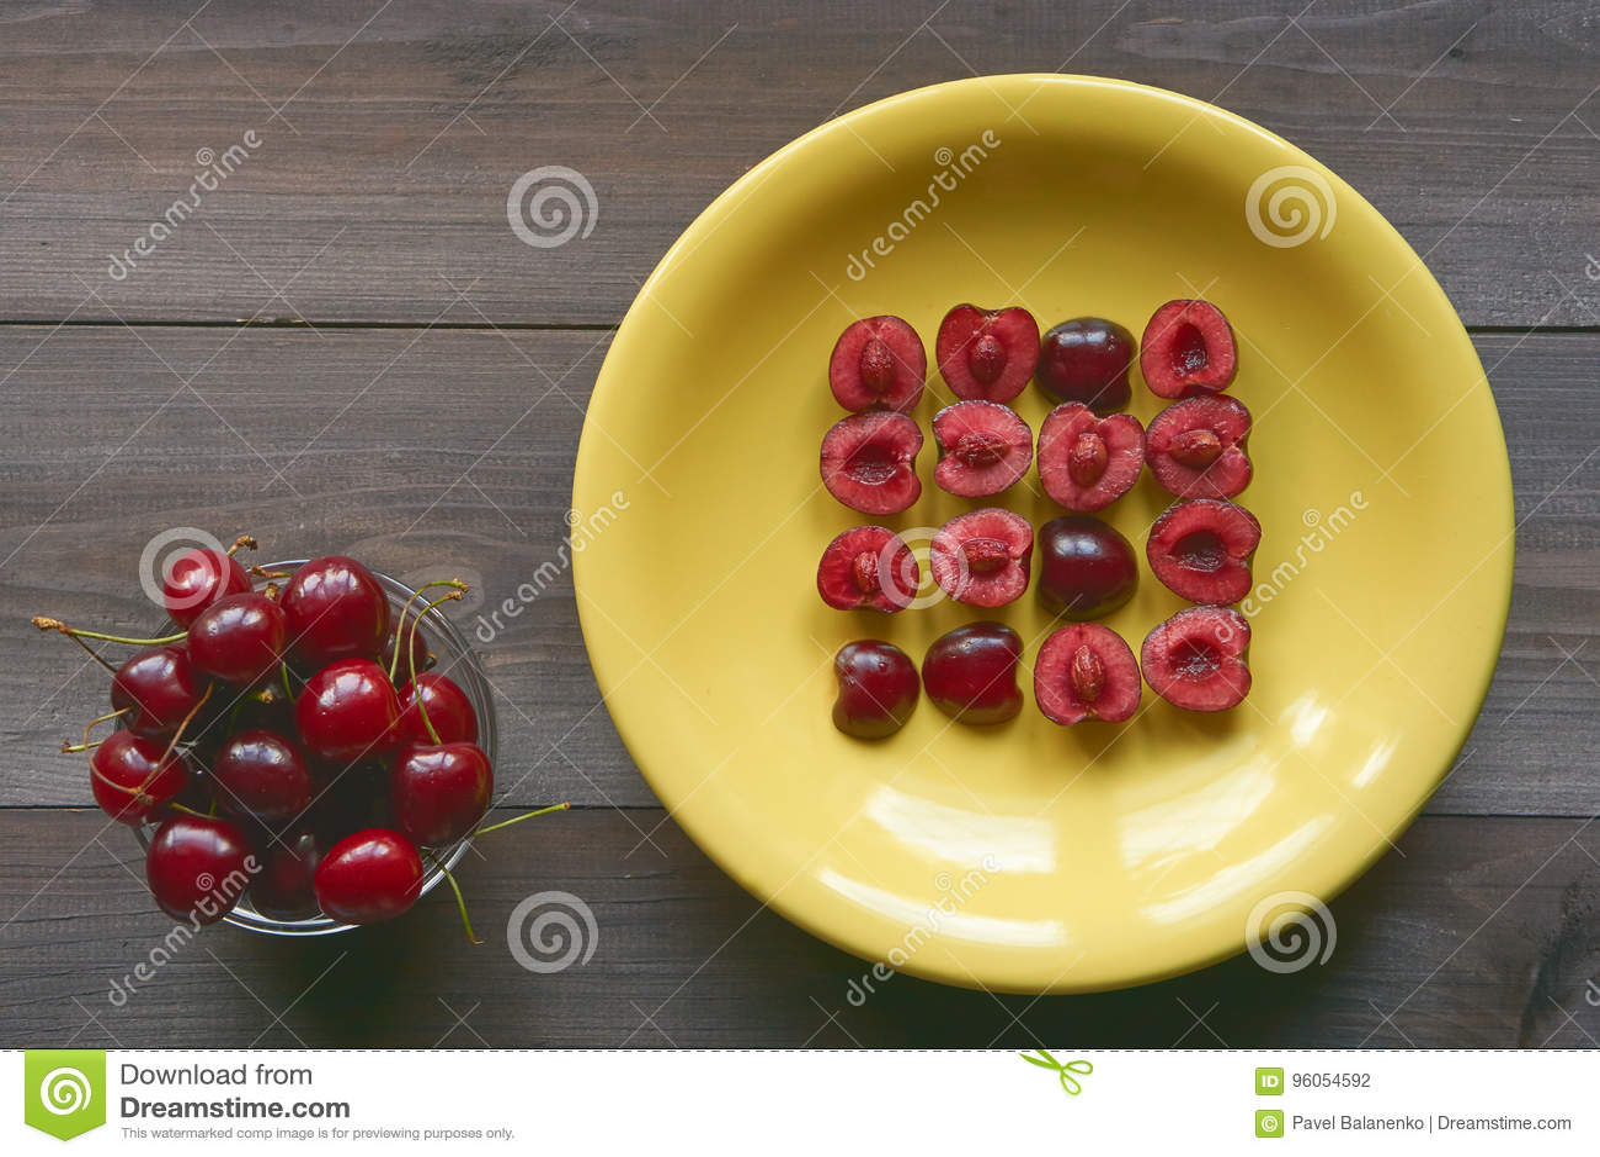 Merise sur la table de cuisine de brun foncé